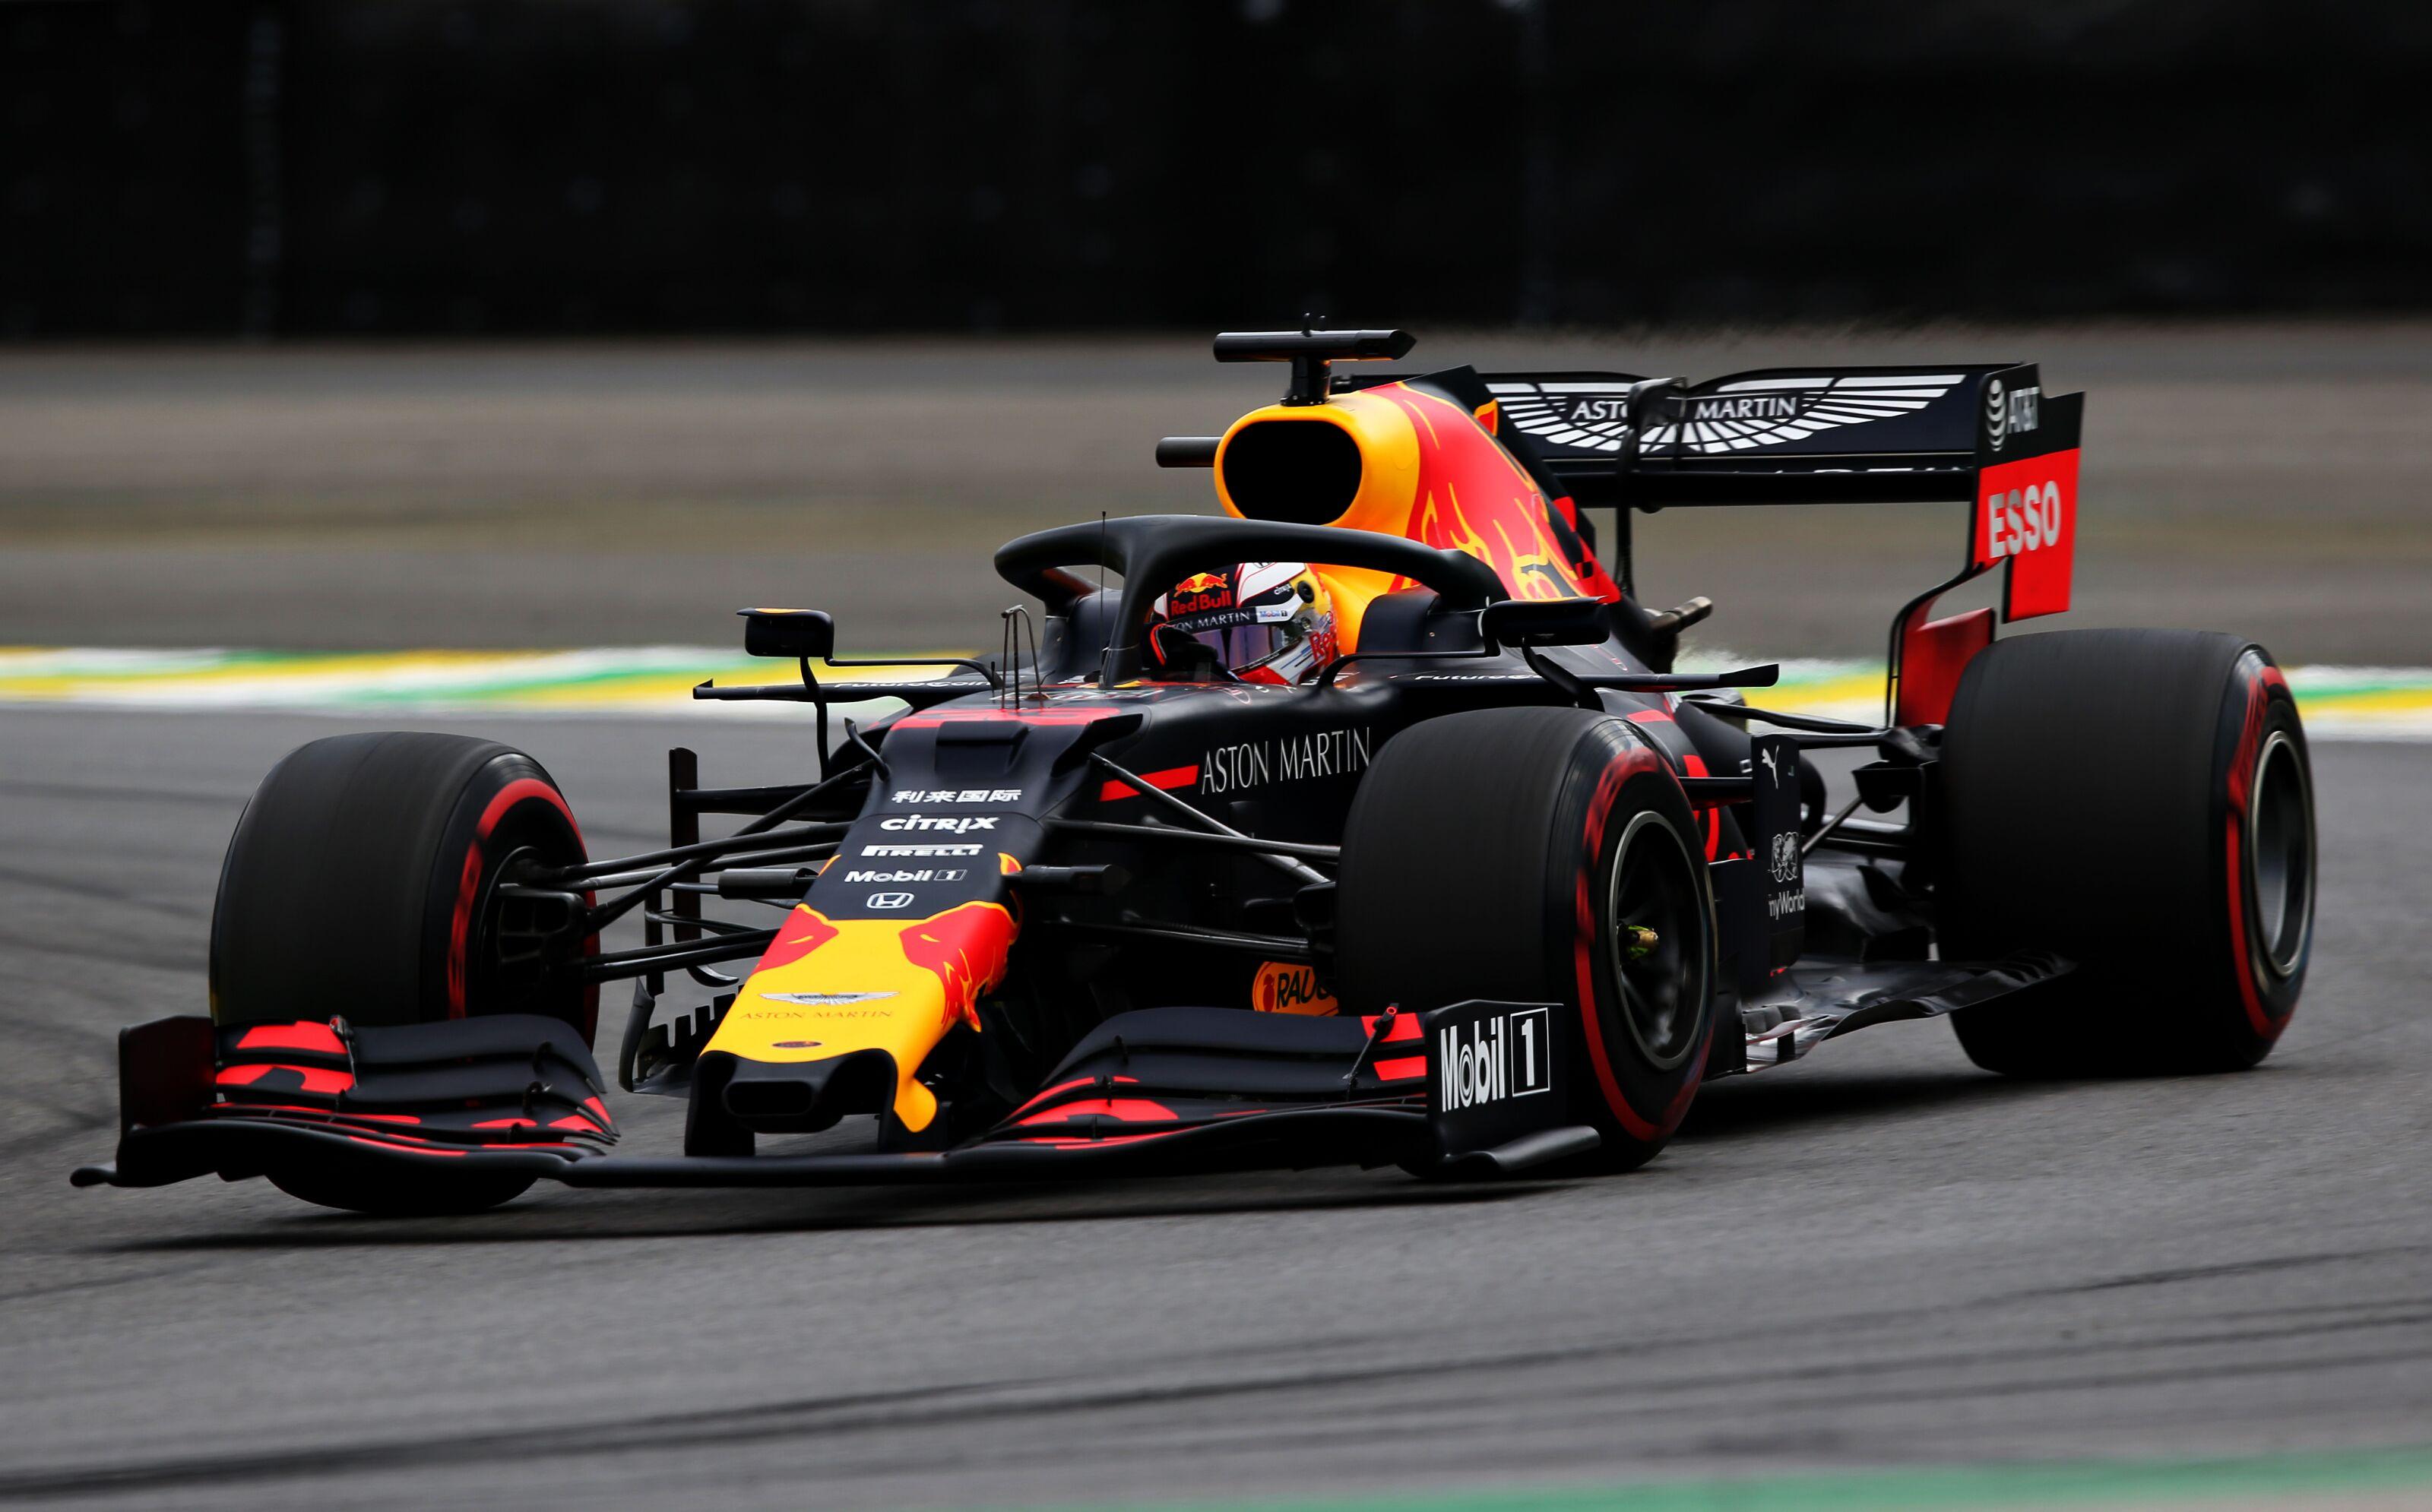 Formula 1: Max Verstappen takes pole for 2019 Brazilian Grand Prix